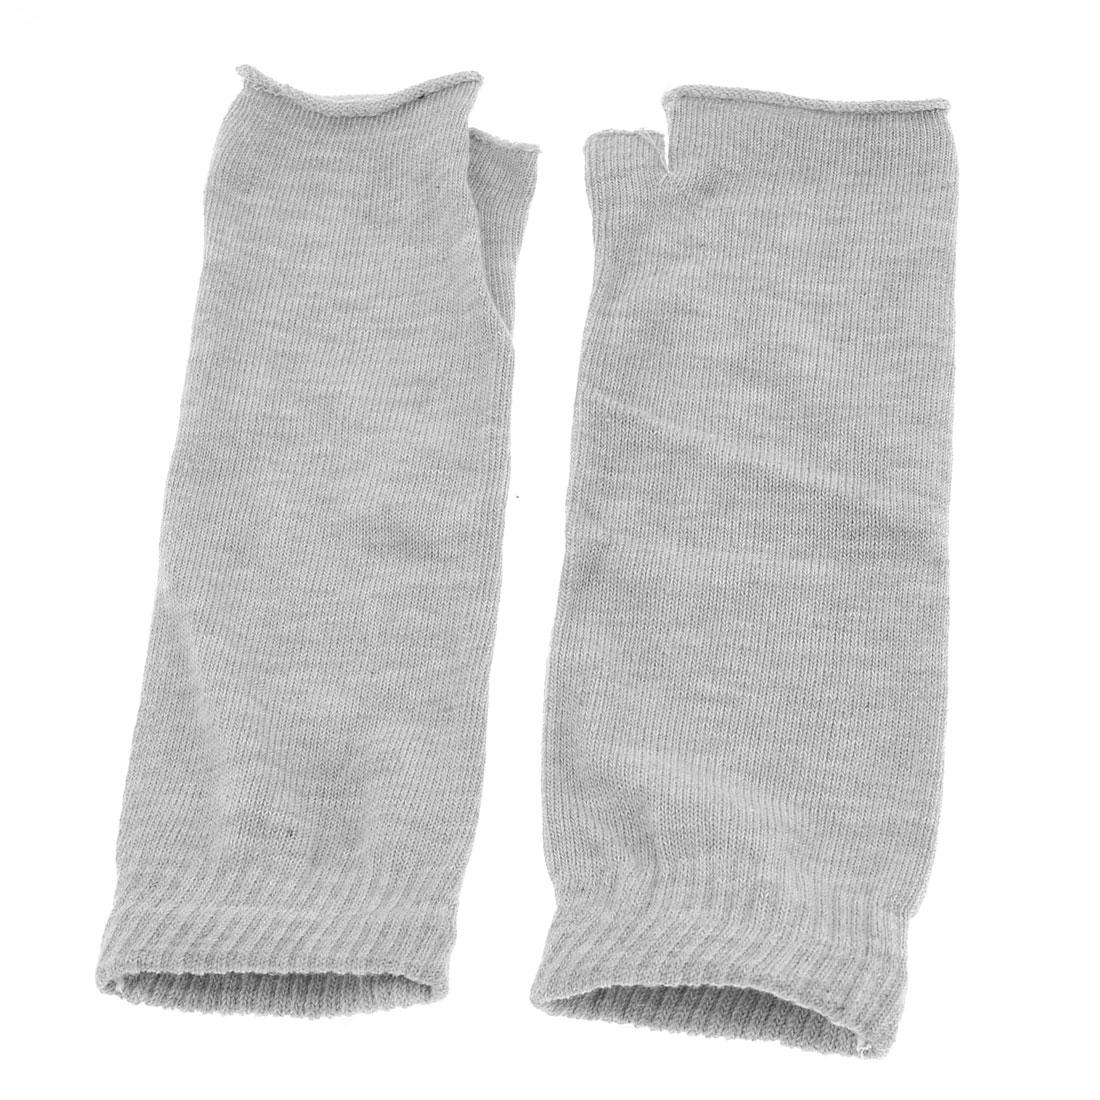 Gray Knitted Elastic Fingerless Winter Gloves for Woman